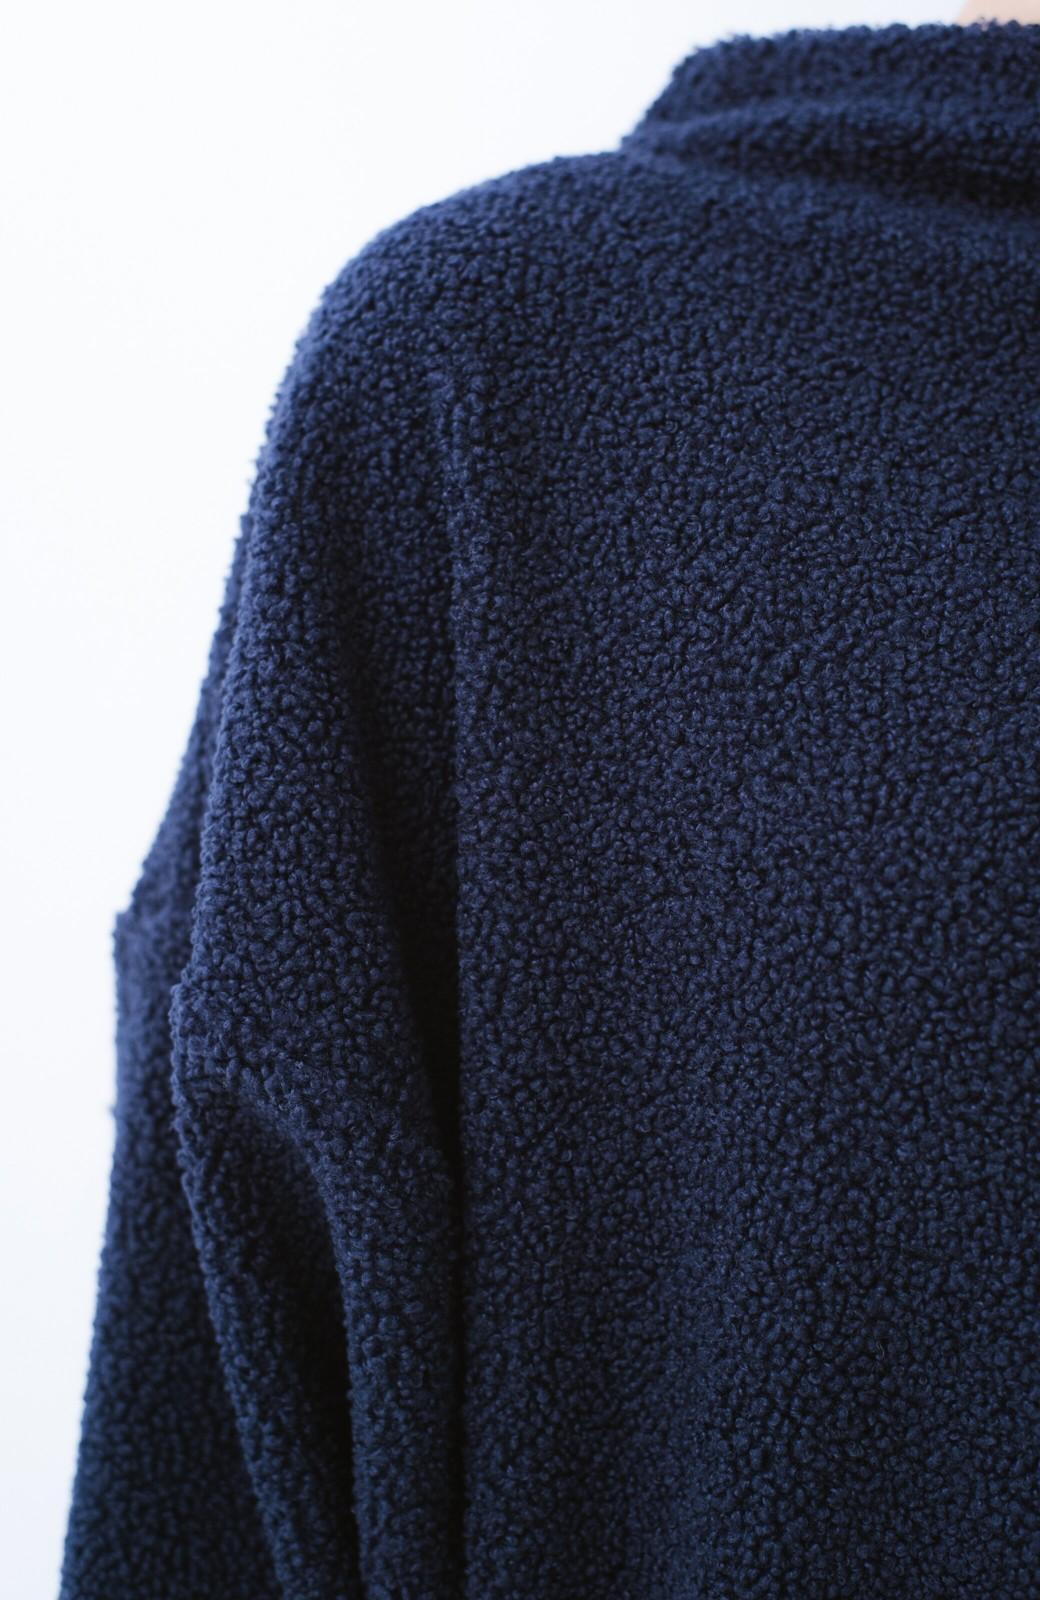 haco! むくみもすぽっと隠してくれる 楽ちんボアロングワンピ&裏起毛レギンスセット【まったり期~もやもや期】女の子バンザイ!プロジェクト  <ネイビー>の商品写真4